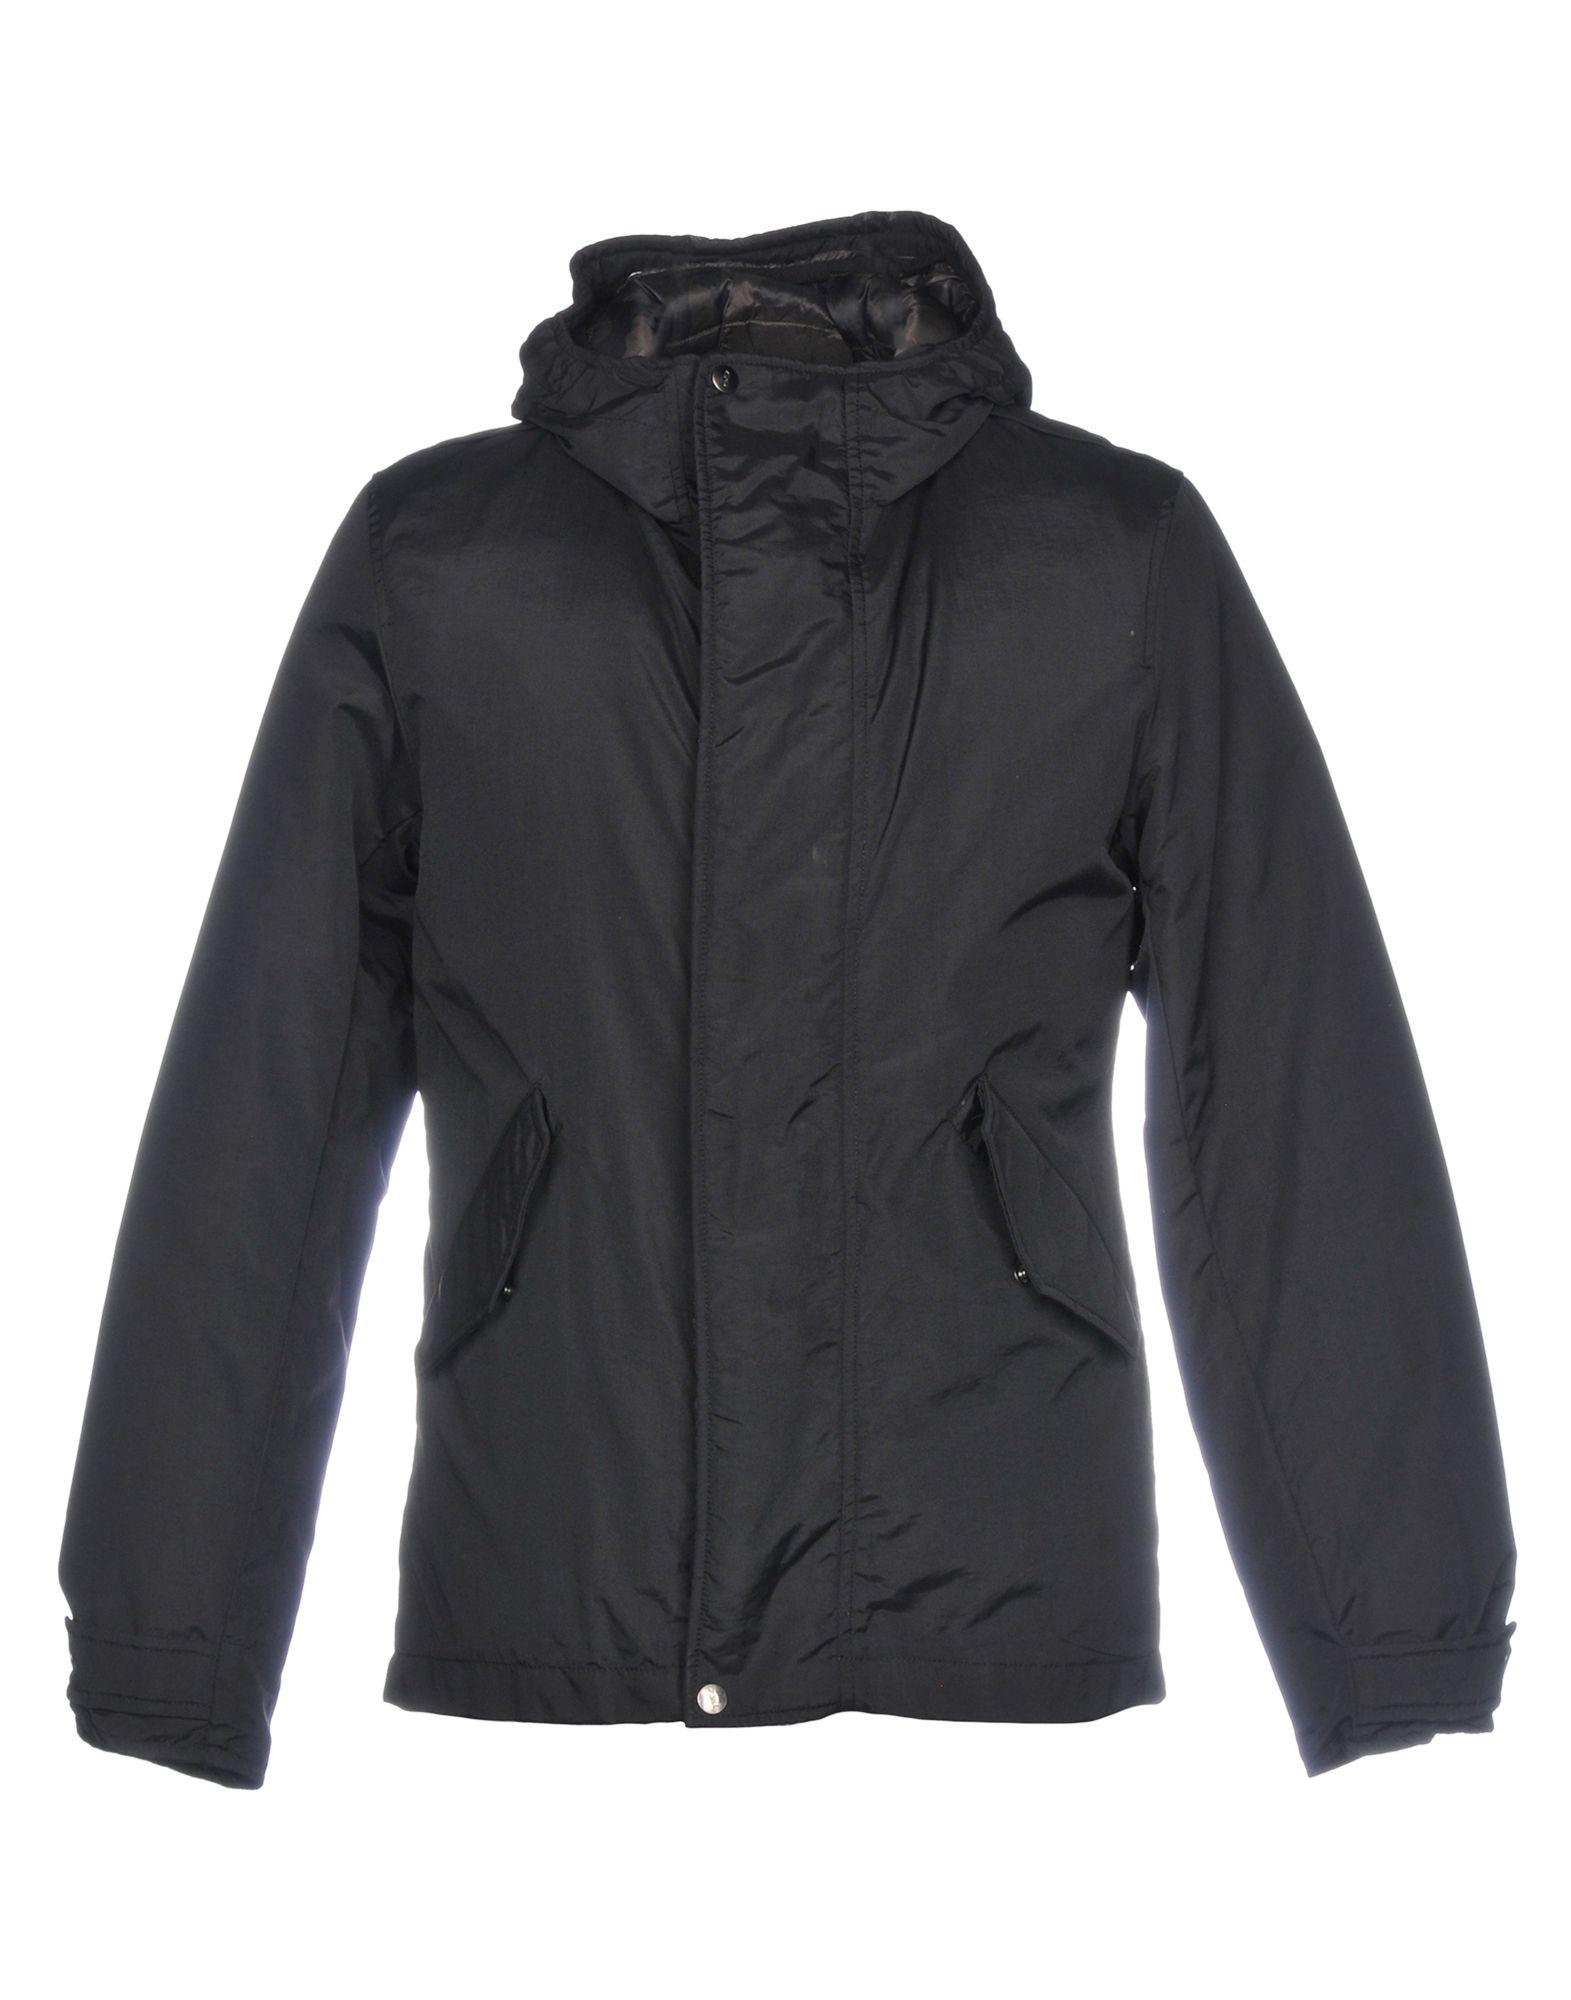 9cf9f70c23 Buy coats & jackets for men - Best men's coats & jackets shop ...